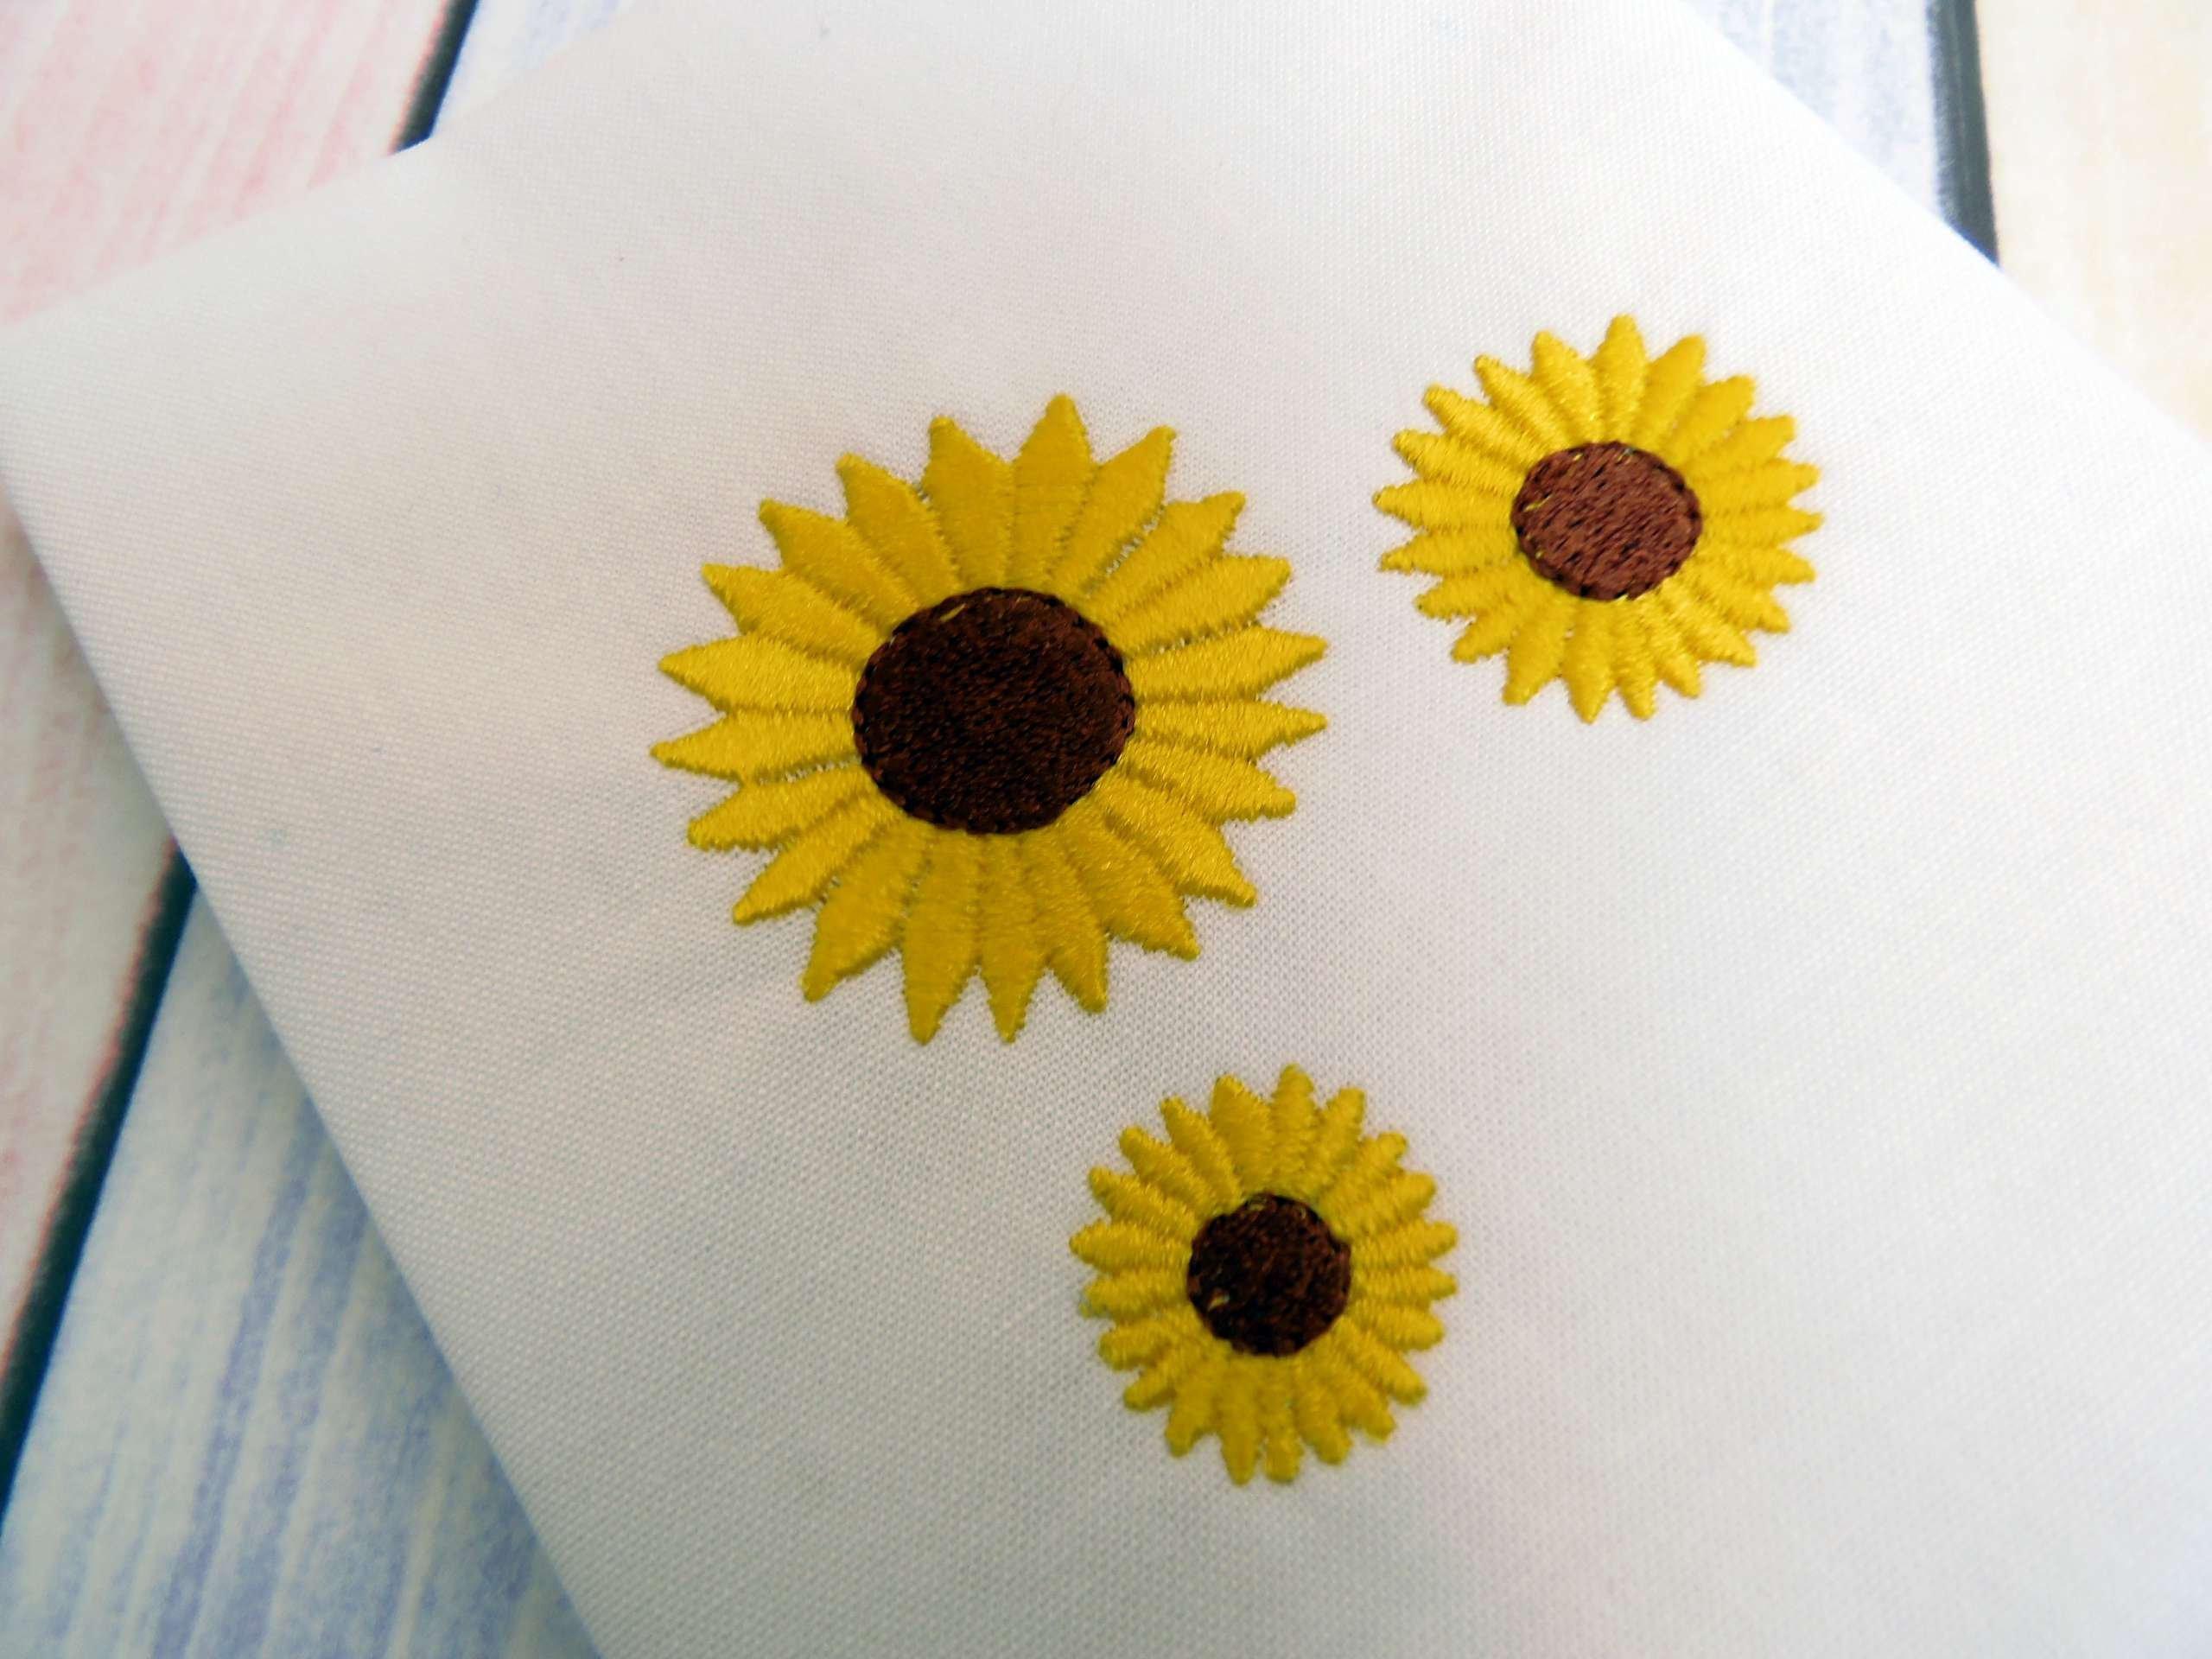 Sunflower Embroidery Pattern Sunflower Machine Embroidery Design In 5 Sizes Mini Sunflower Embroidery Design Summer Flower Embroidery Design Instant Download